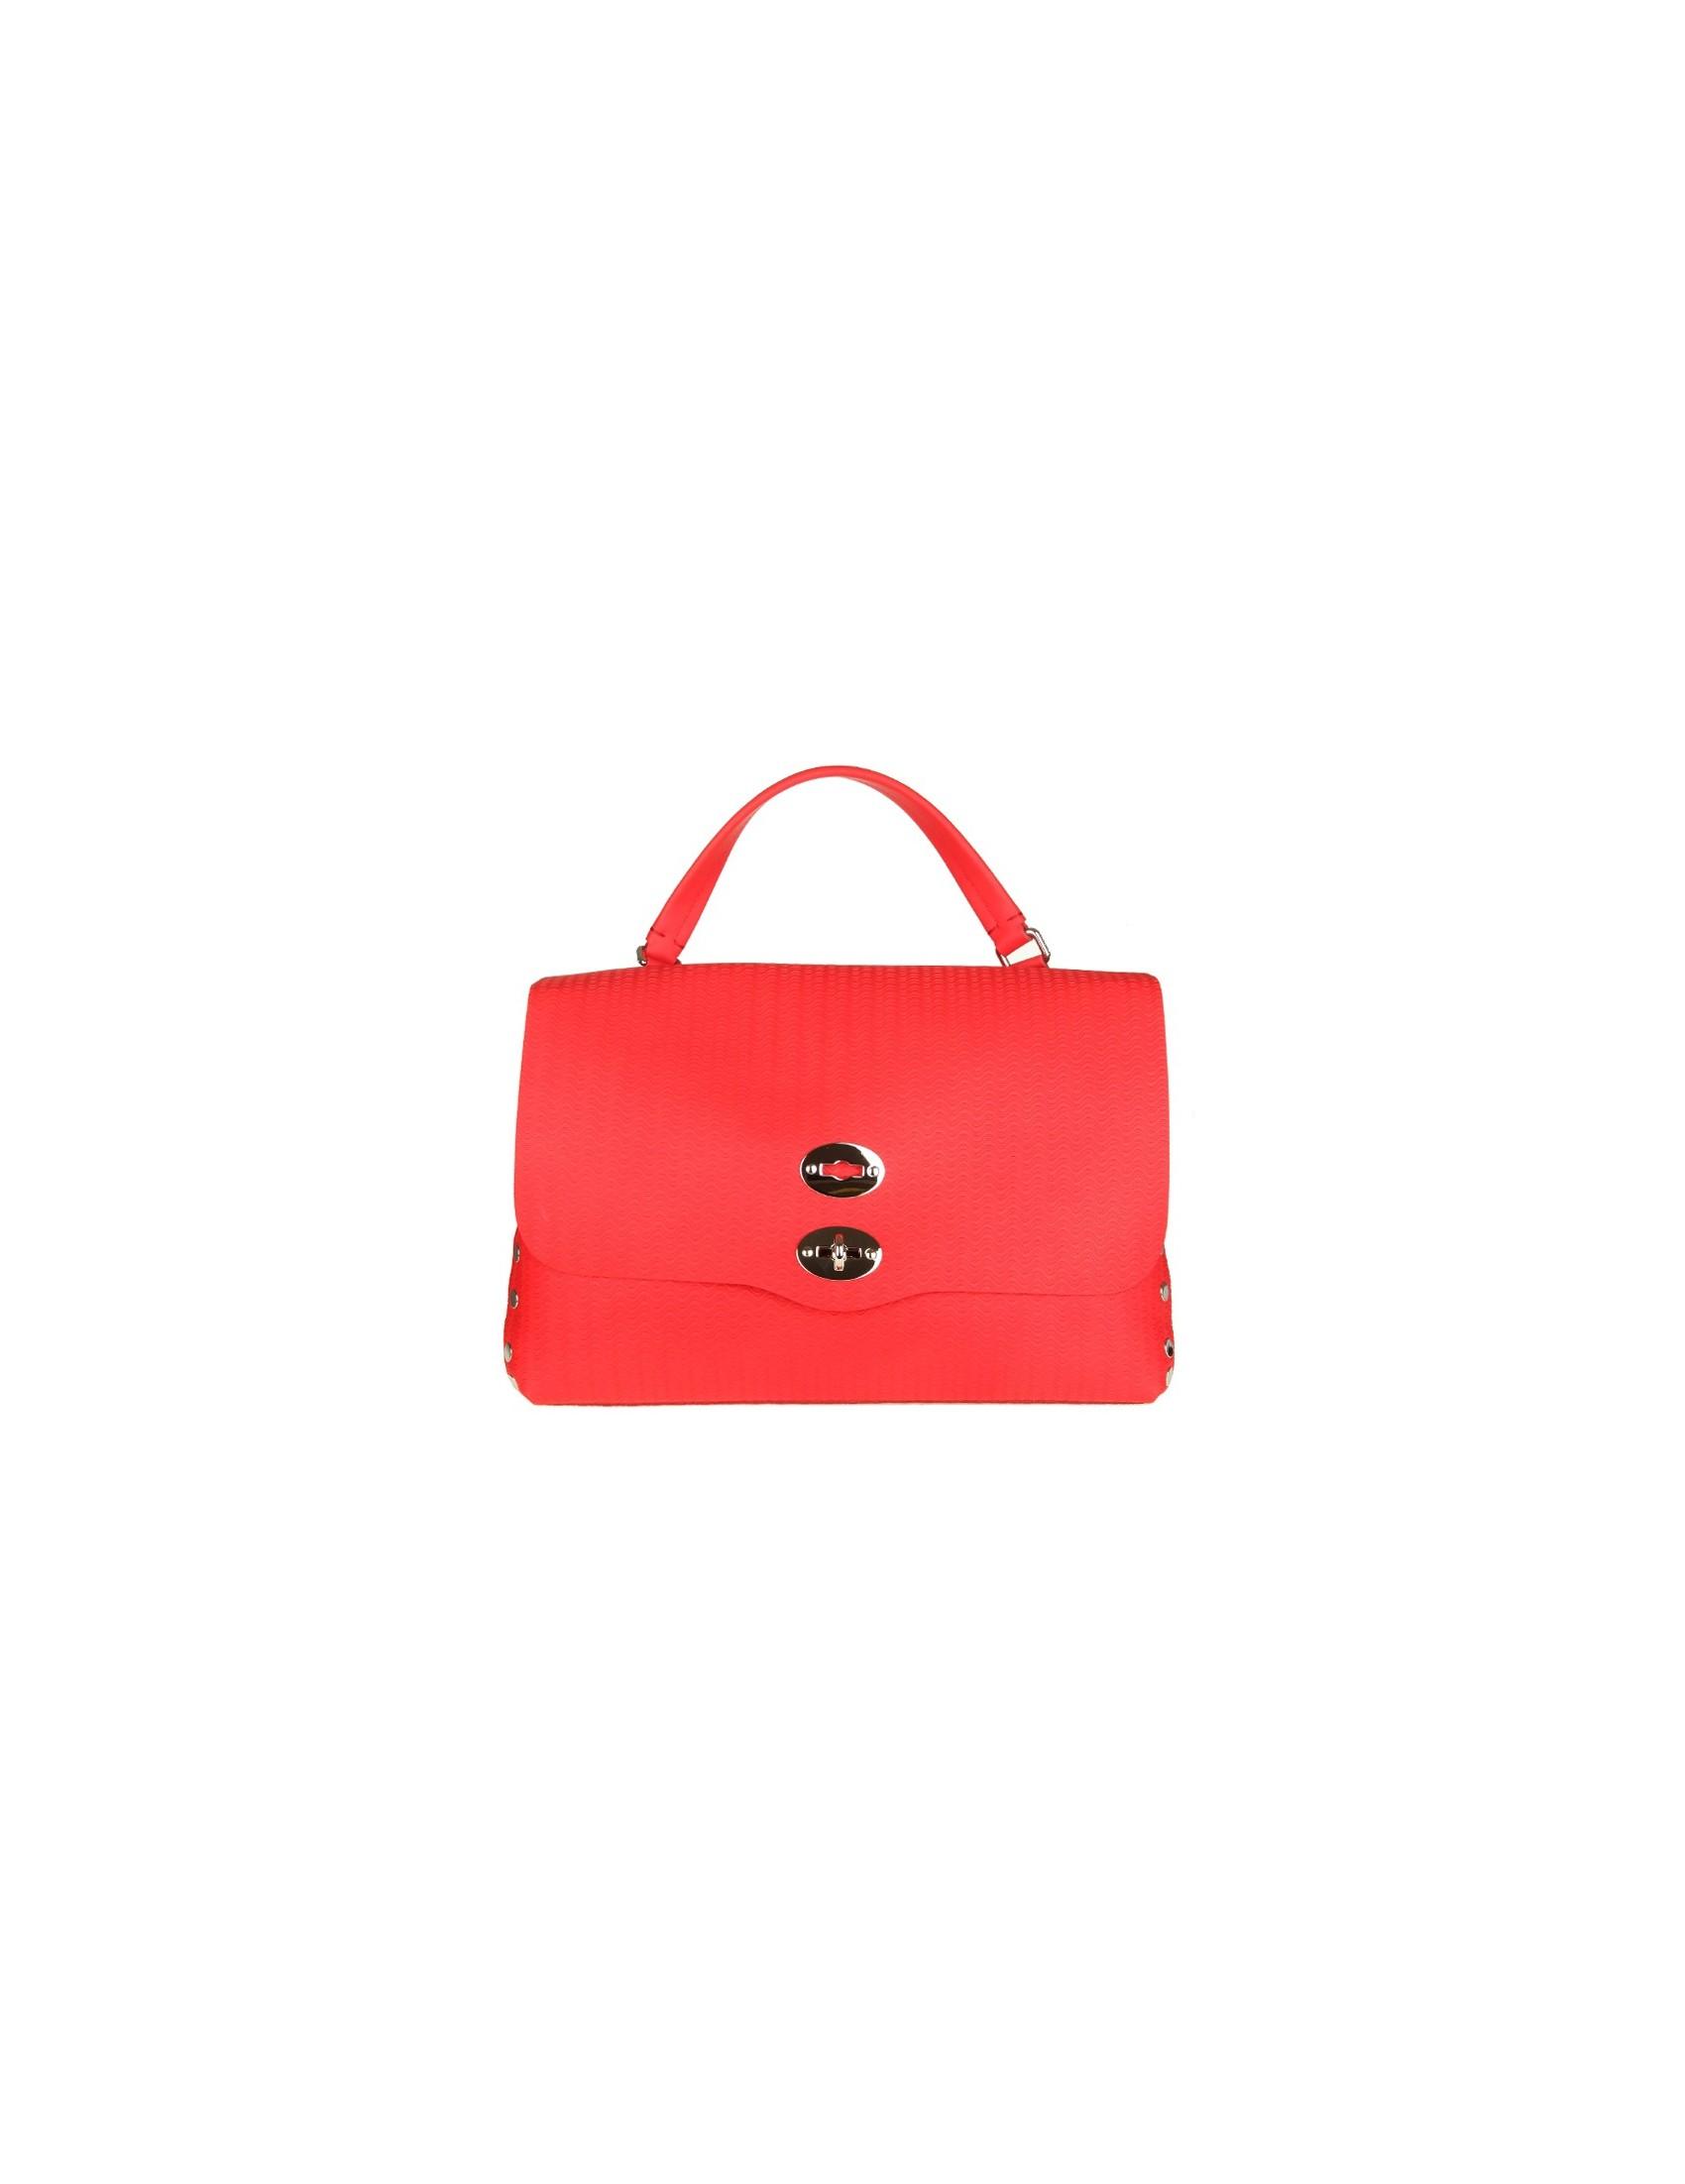 92bc88780d Blandine Cardinale Colore Rosso Tracolla Postina Zanellato pRxZSS